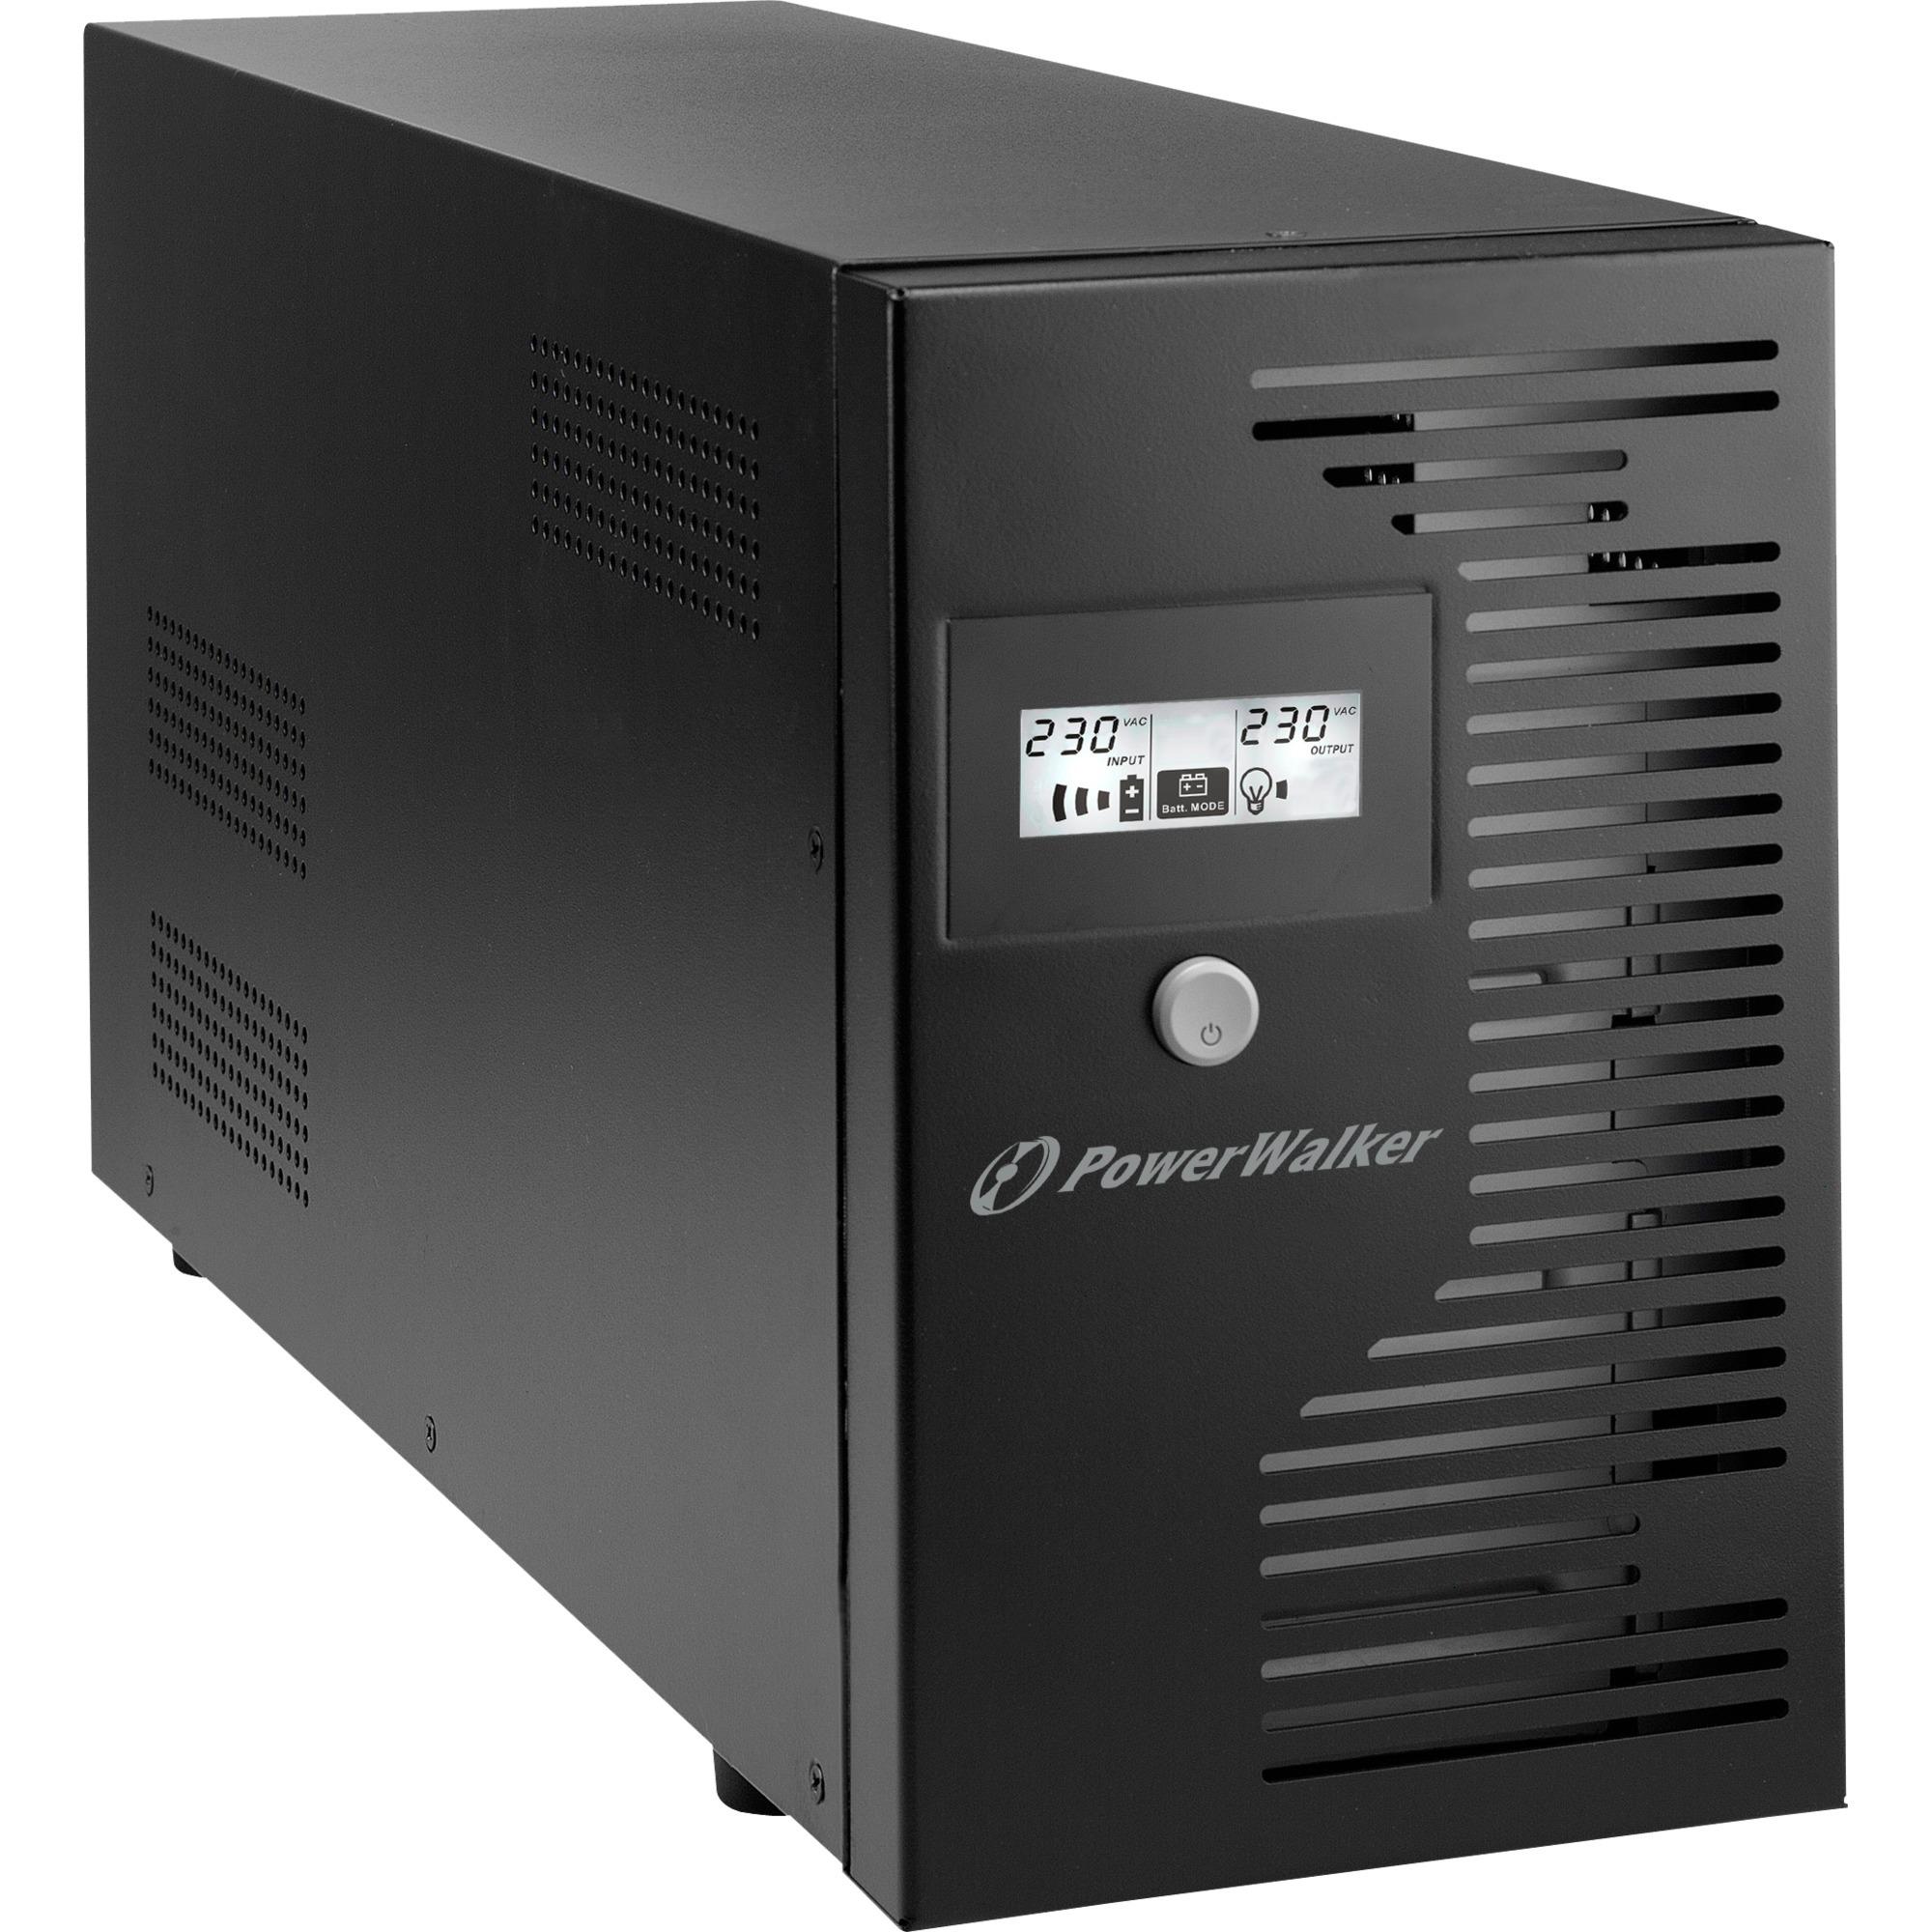 10121020 sistema de alimentación ininterrumpida (UPS) 3000 VA 4 salidas AC Línea interactiva